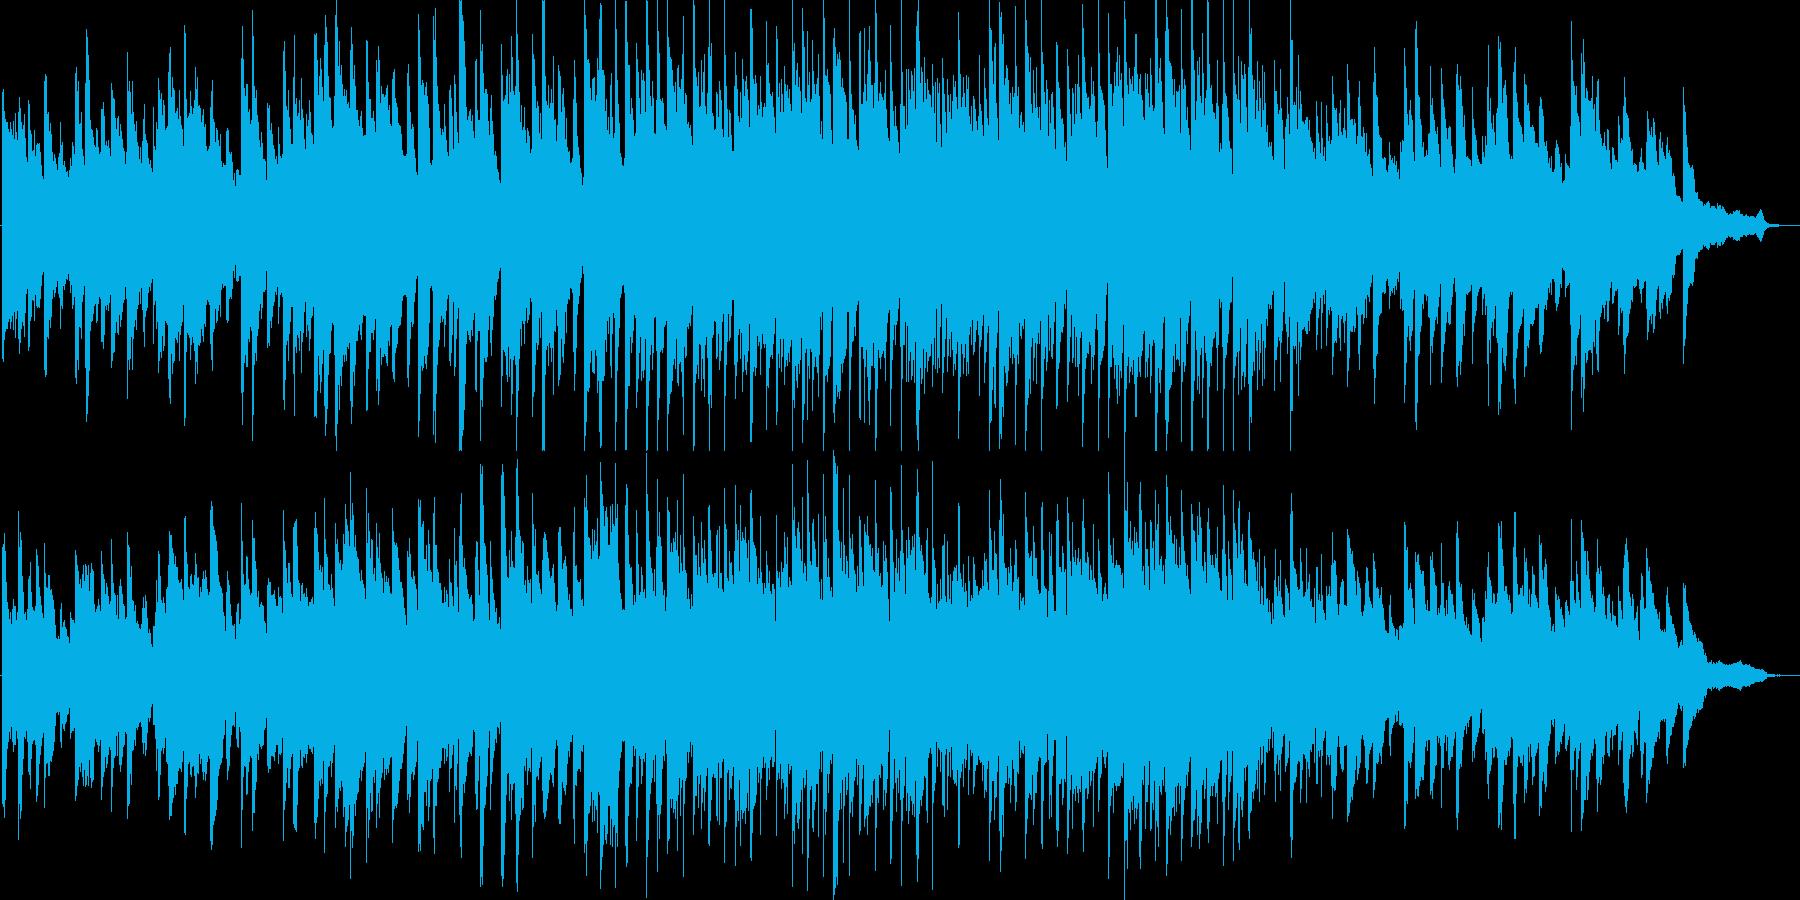 温かい・わくわく・ピアノ・イベント・映像の再生済みの波形